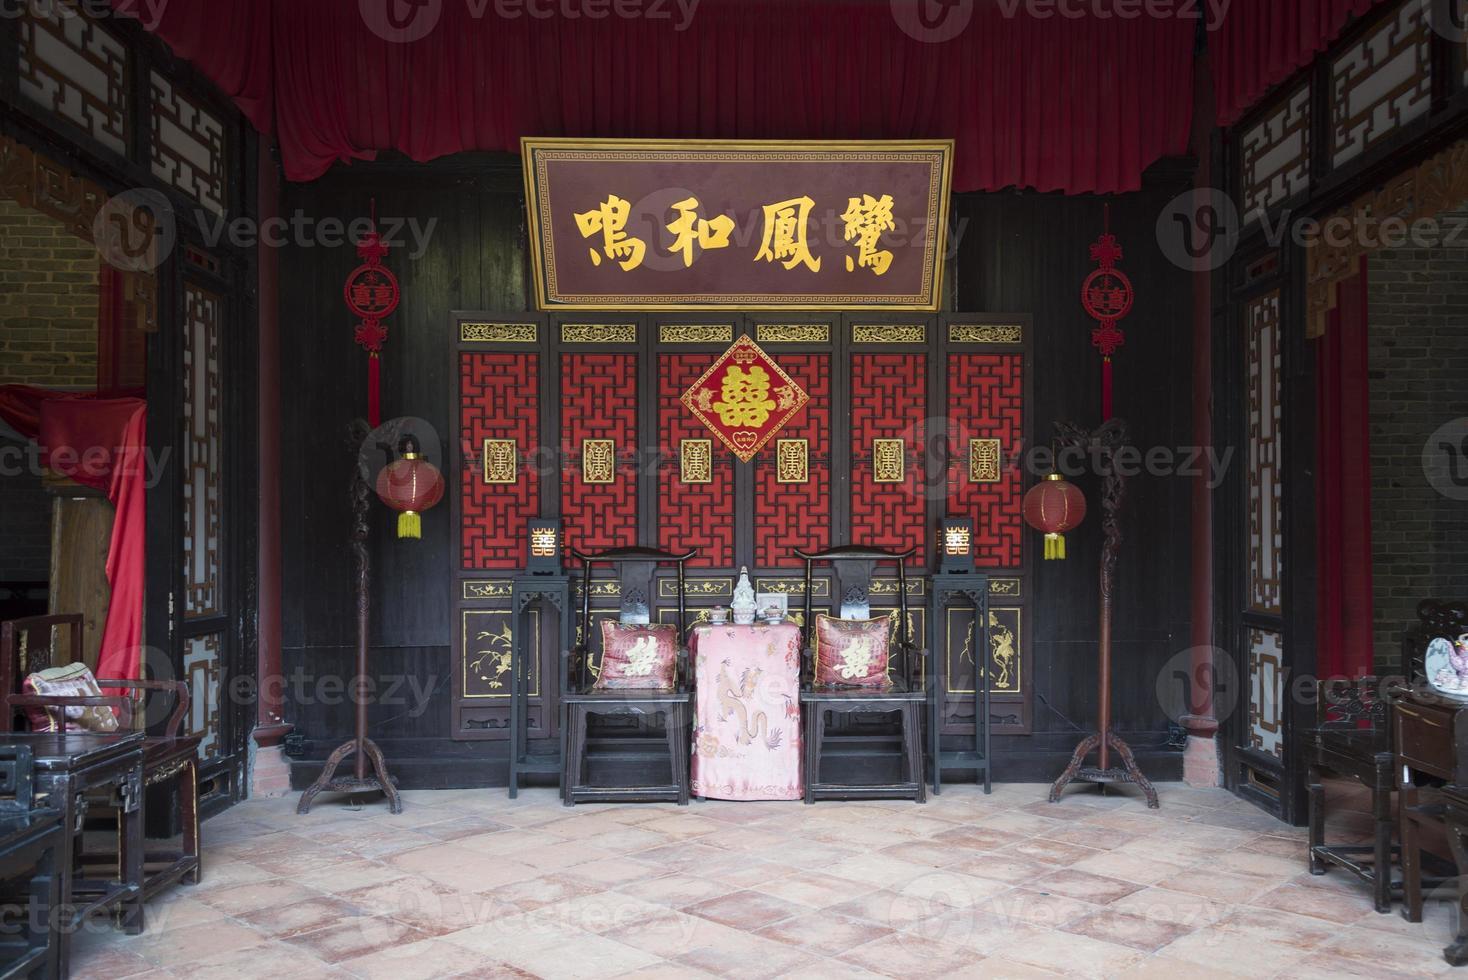 arquitectura interior tradicional china foto